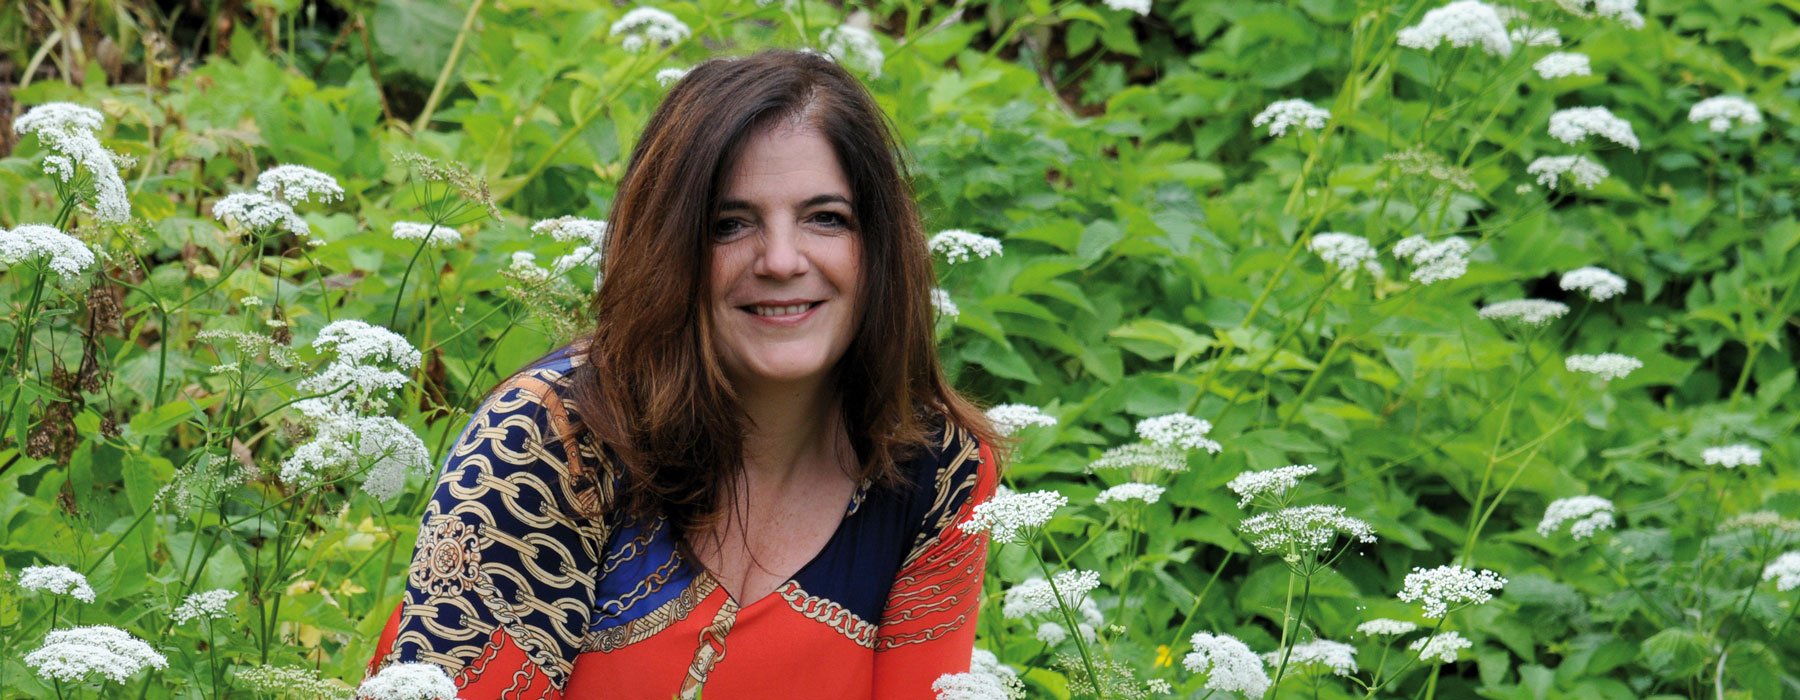 Sicilie Angela Cono, boek Tutti frutti, het succes van kleurrijk en ondernemend Nederland